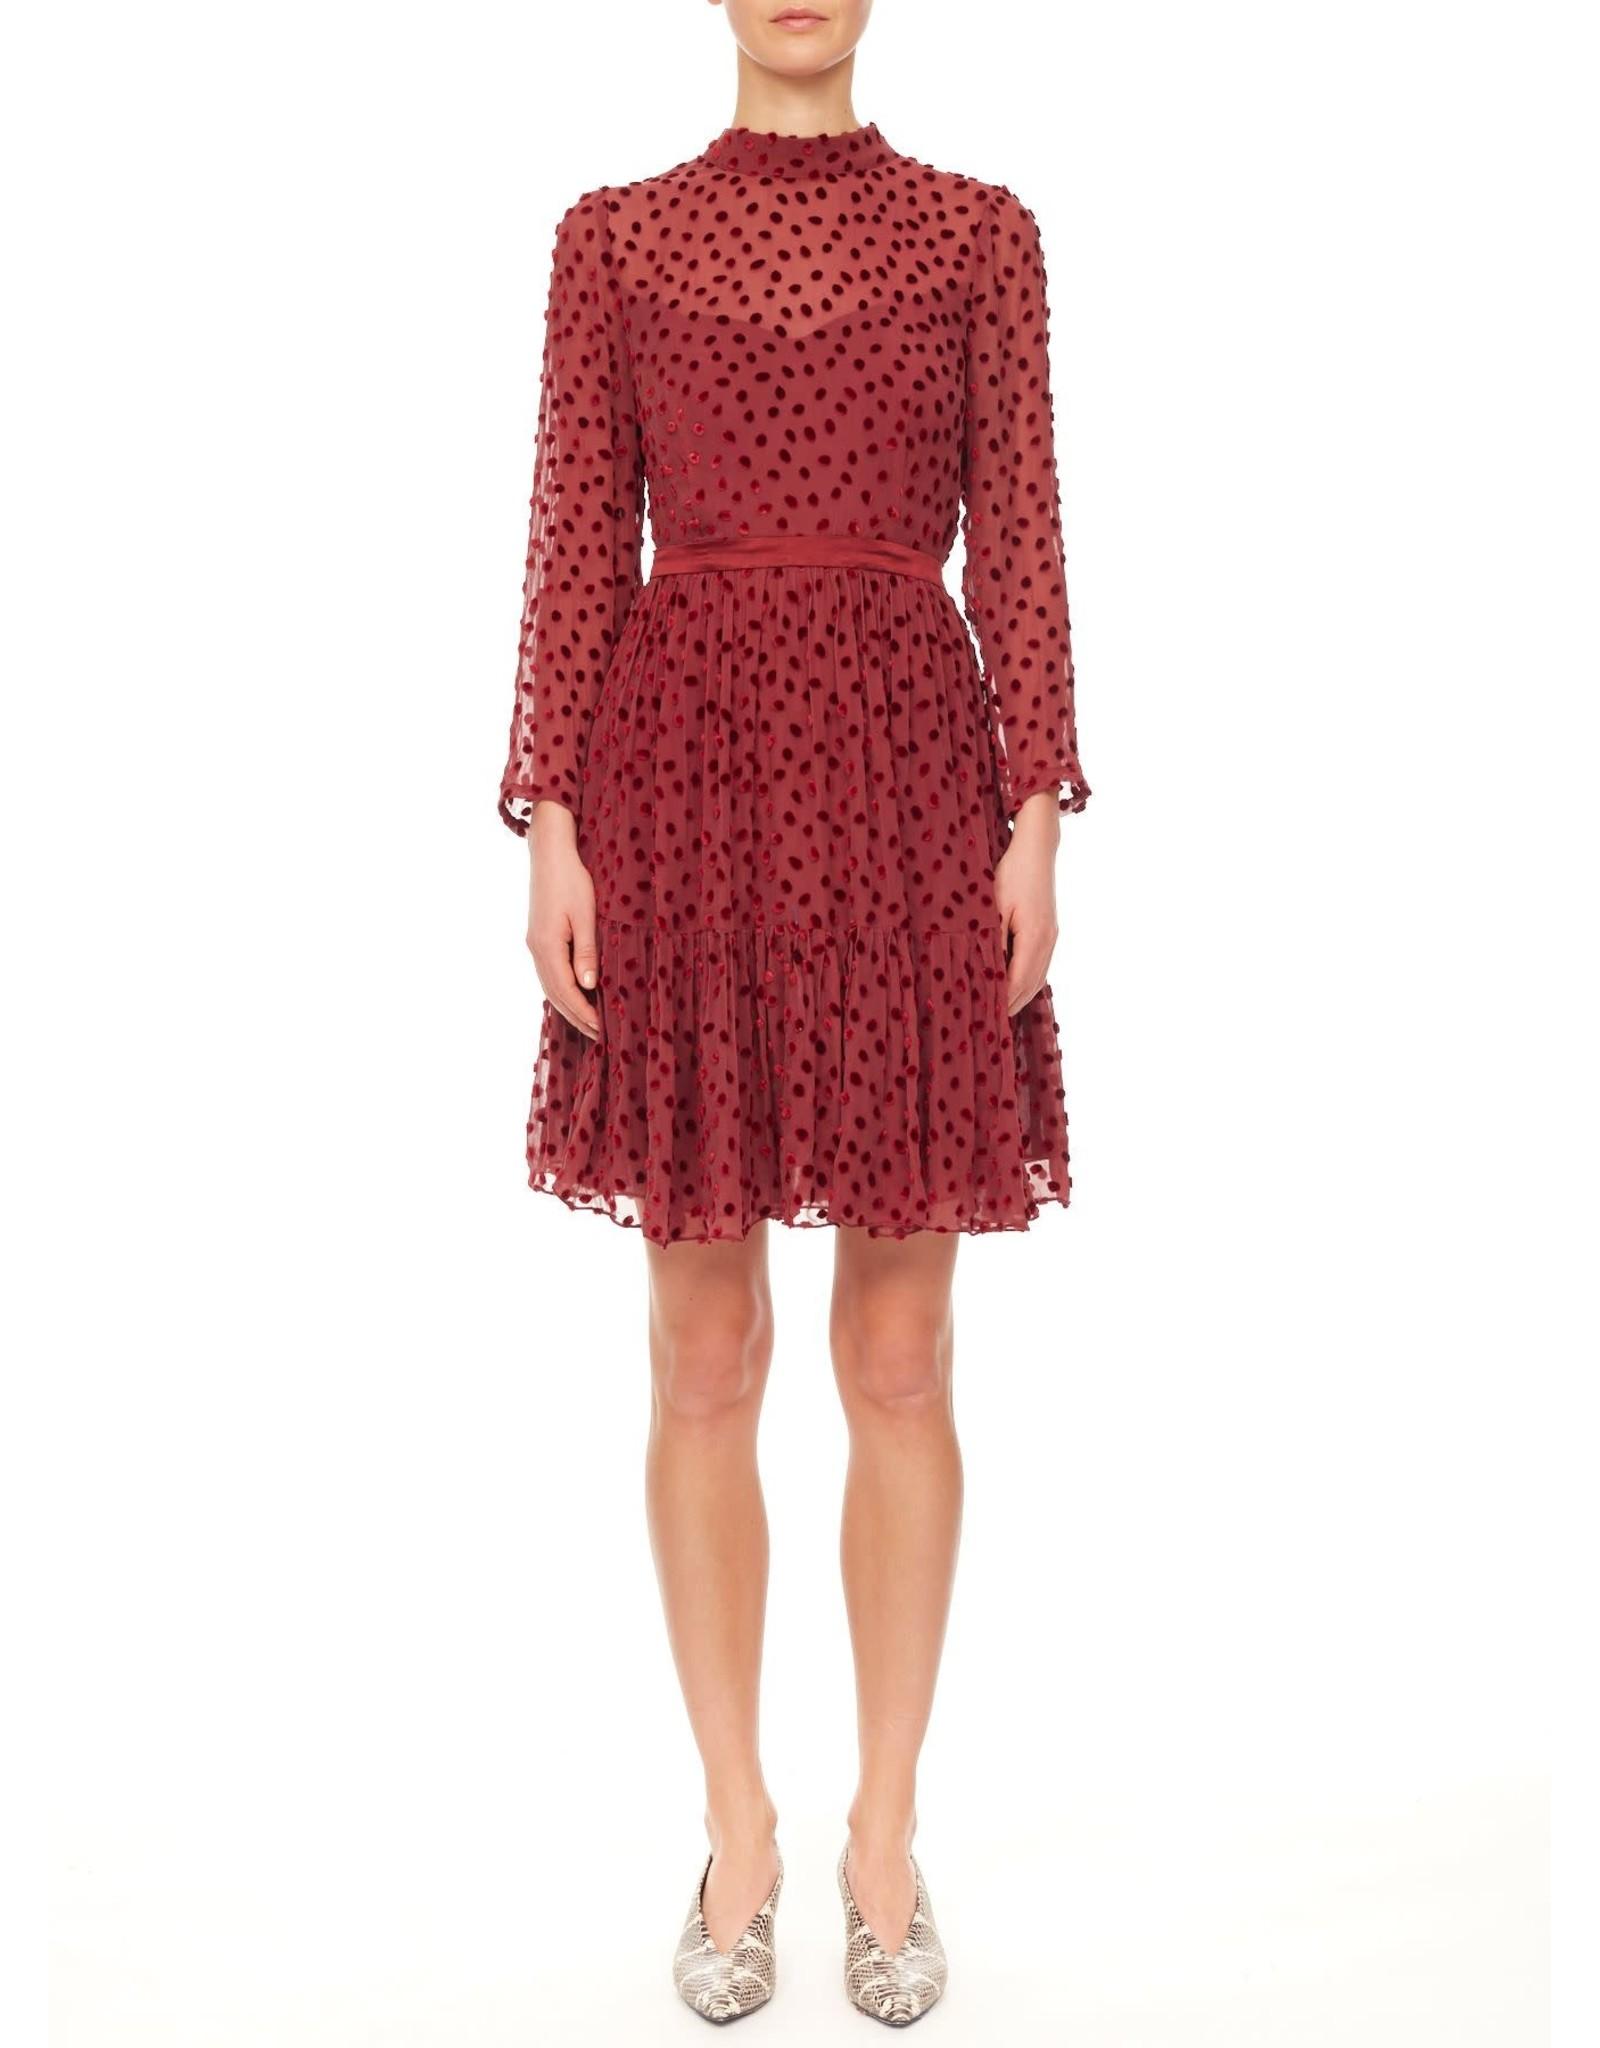 REBECCA TAYLOR L/S Velvet Dot Dress